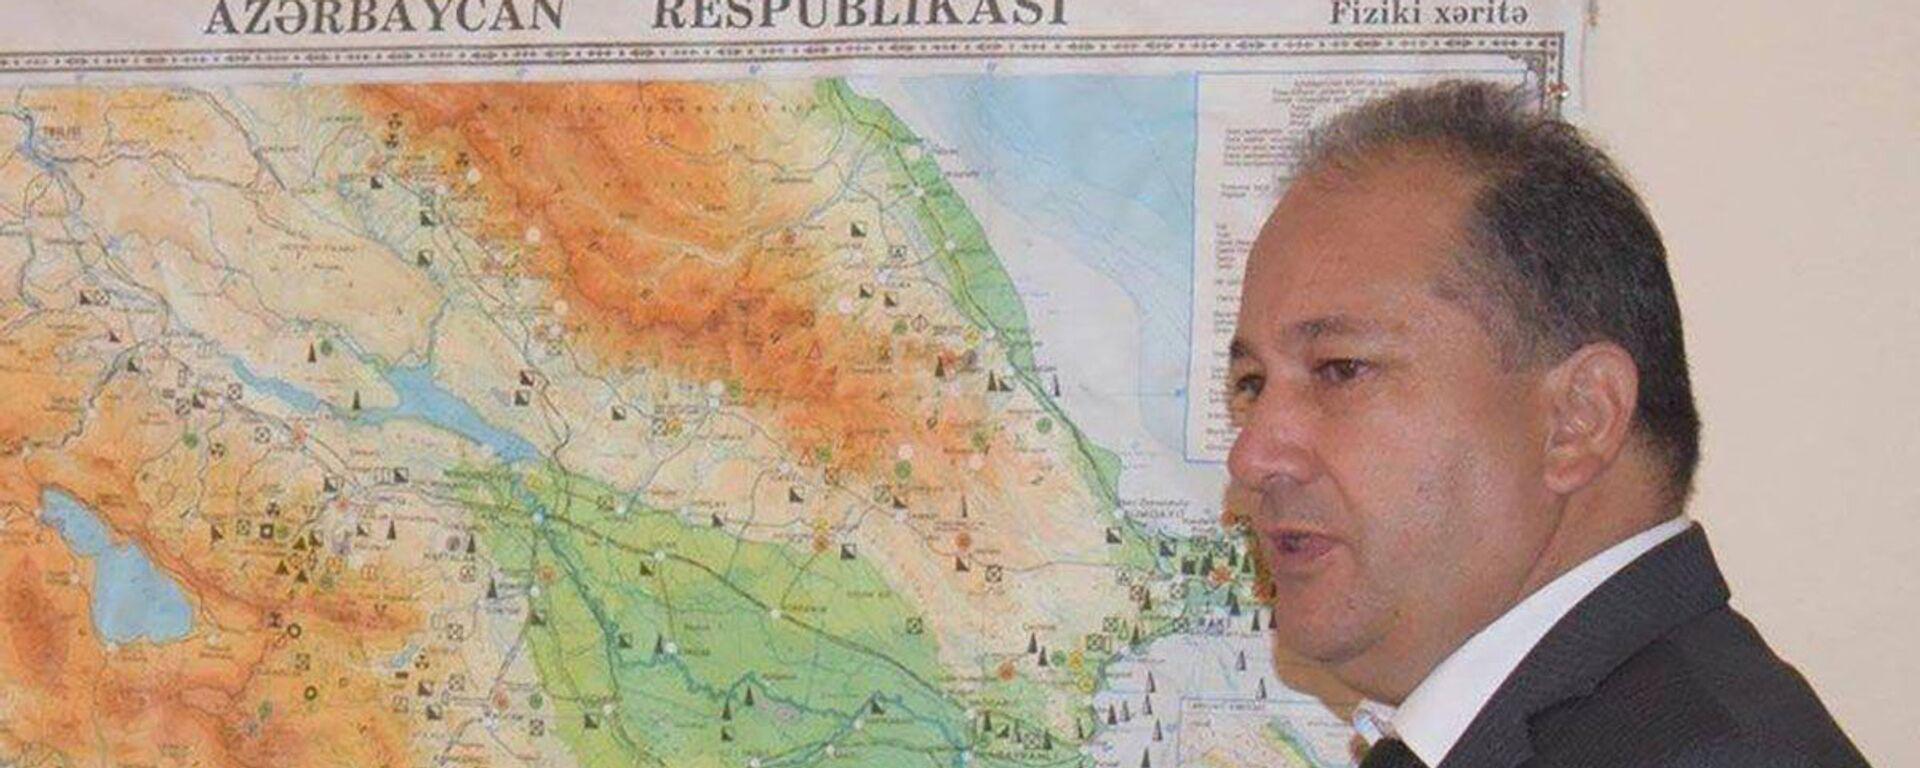 Kənd təsərrüfatı elmləri üzrə fəlsəfə doktoru Xosrov Musayev  - Sputnik Азербайджан, 1920, 02.09.2021